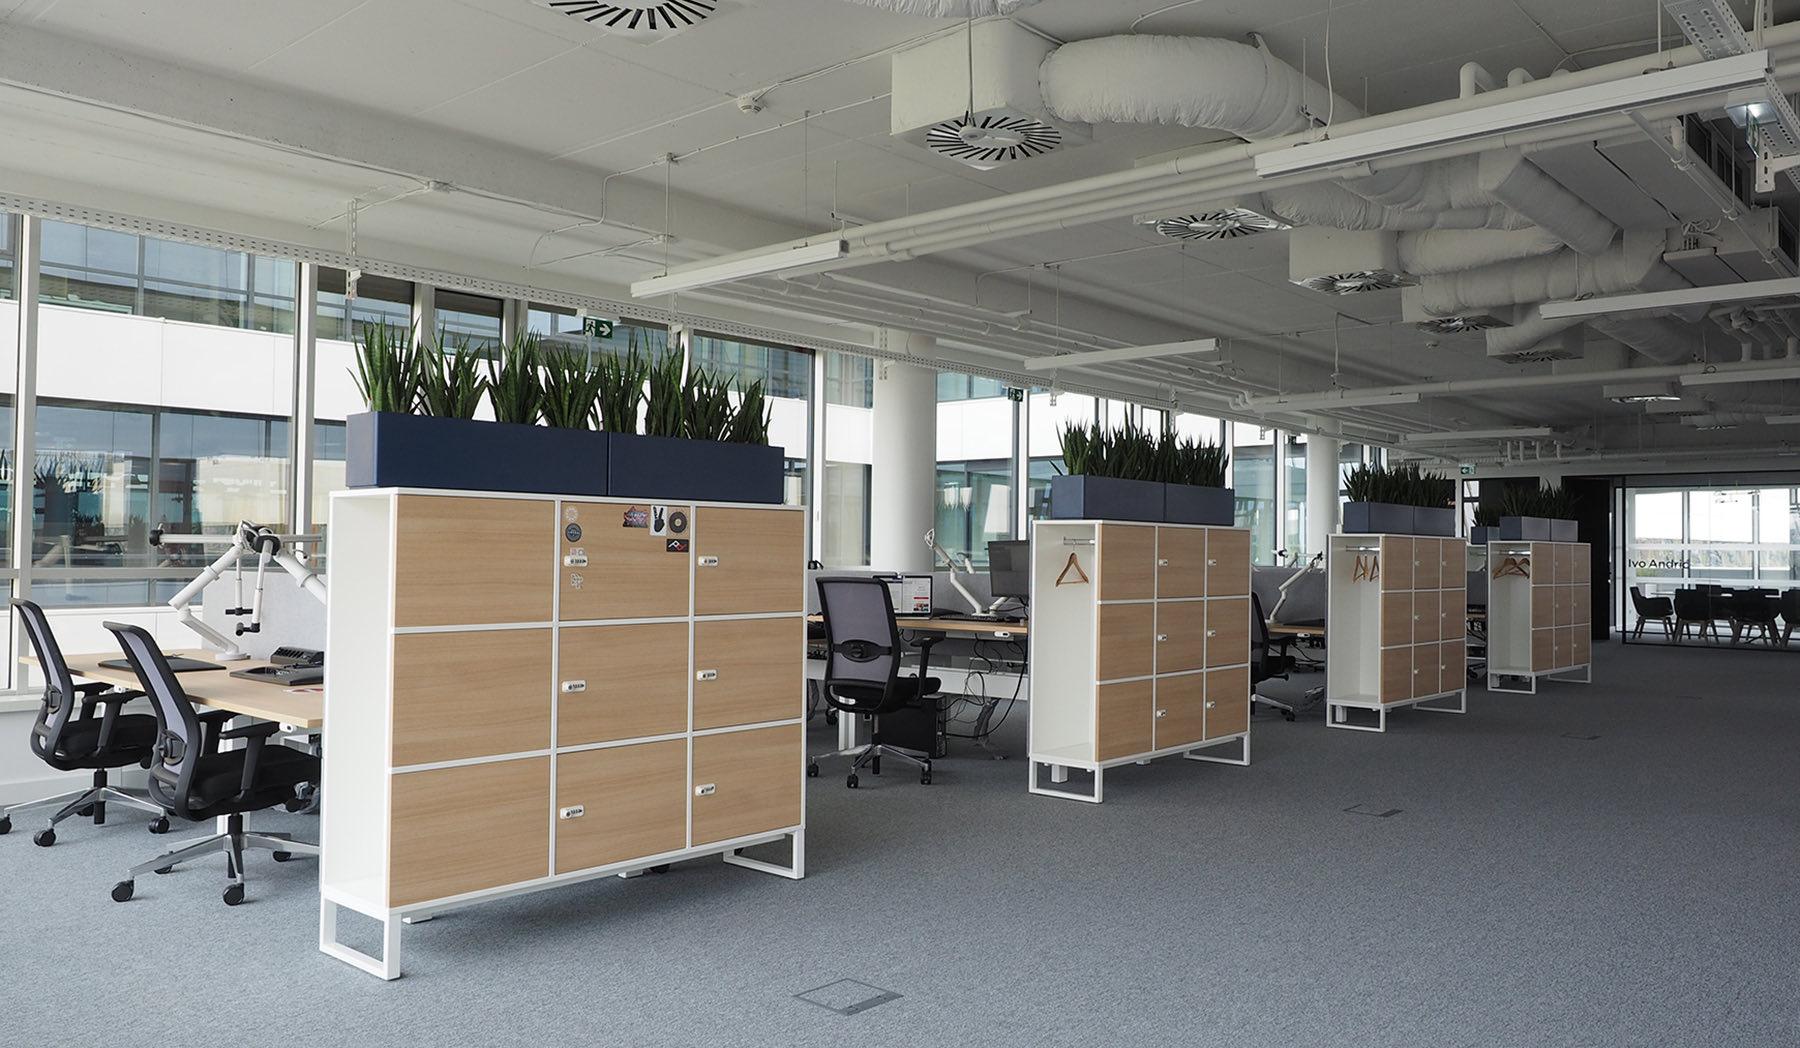 tomtom-belgrade-office-15